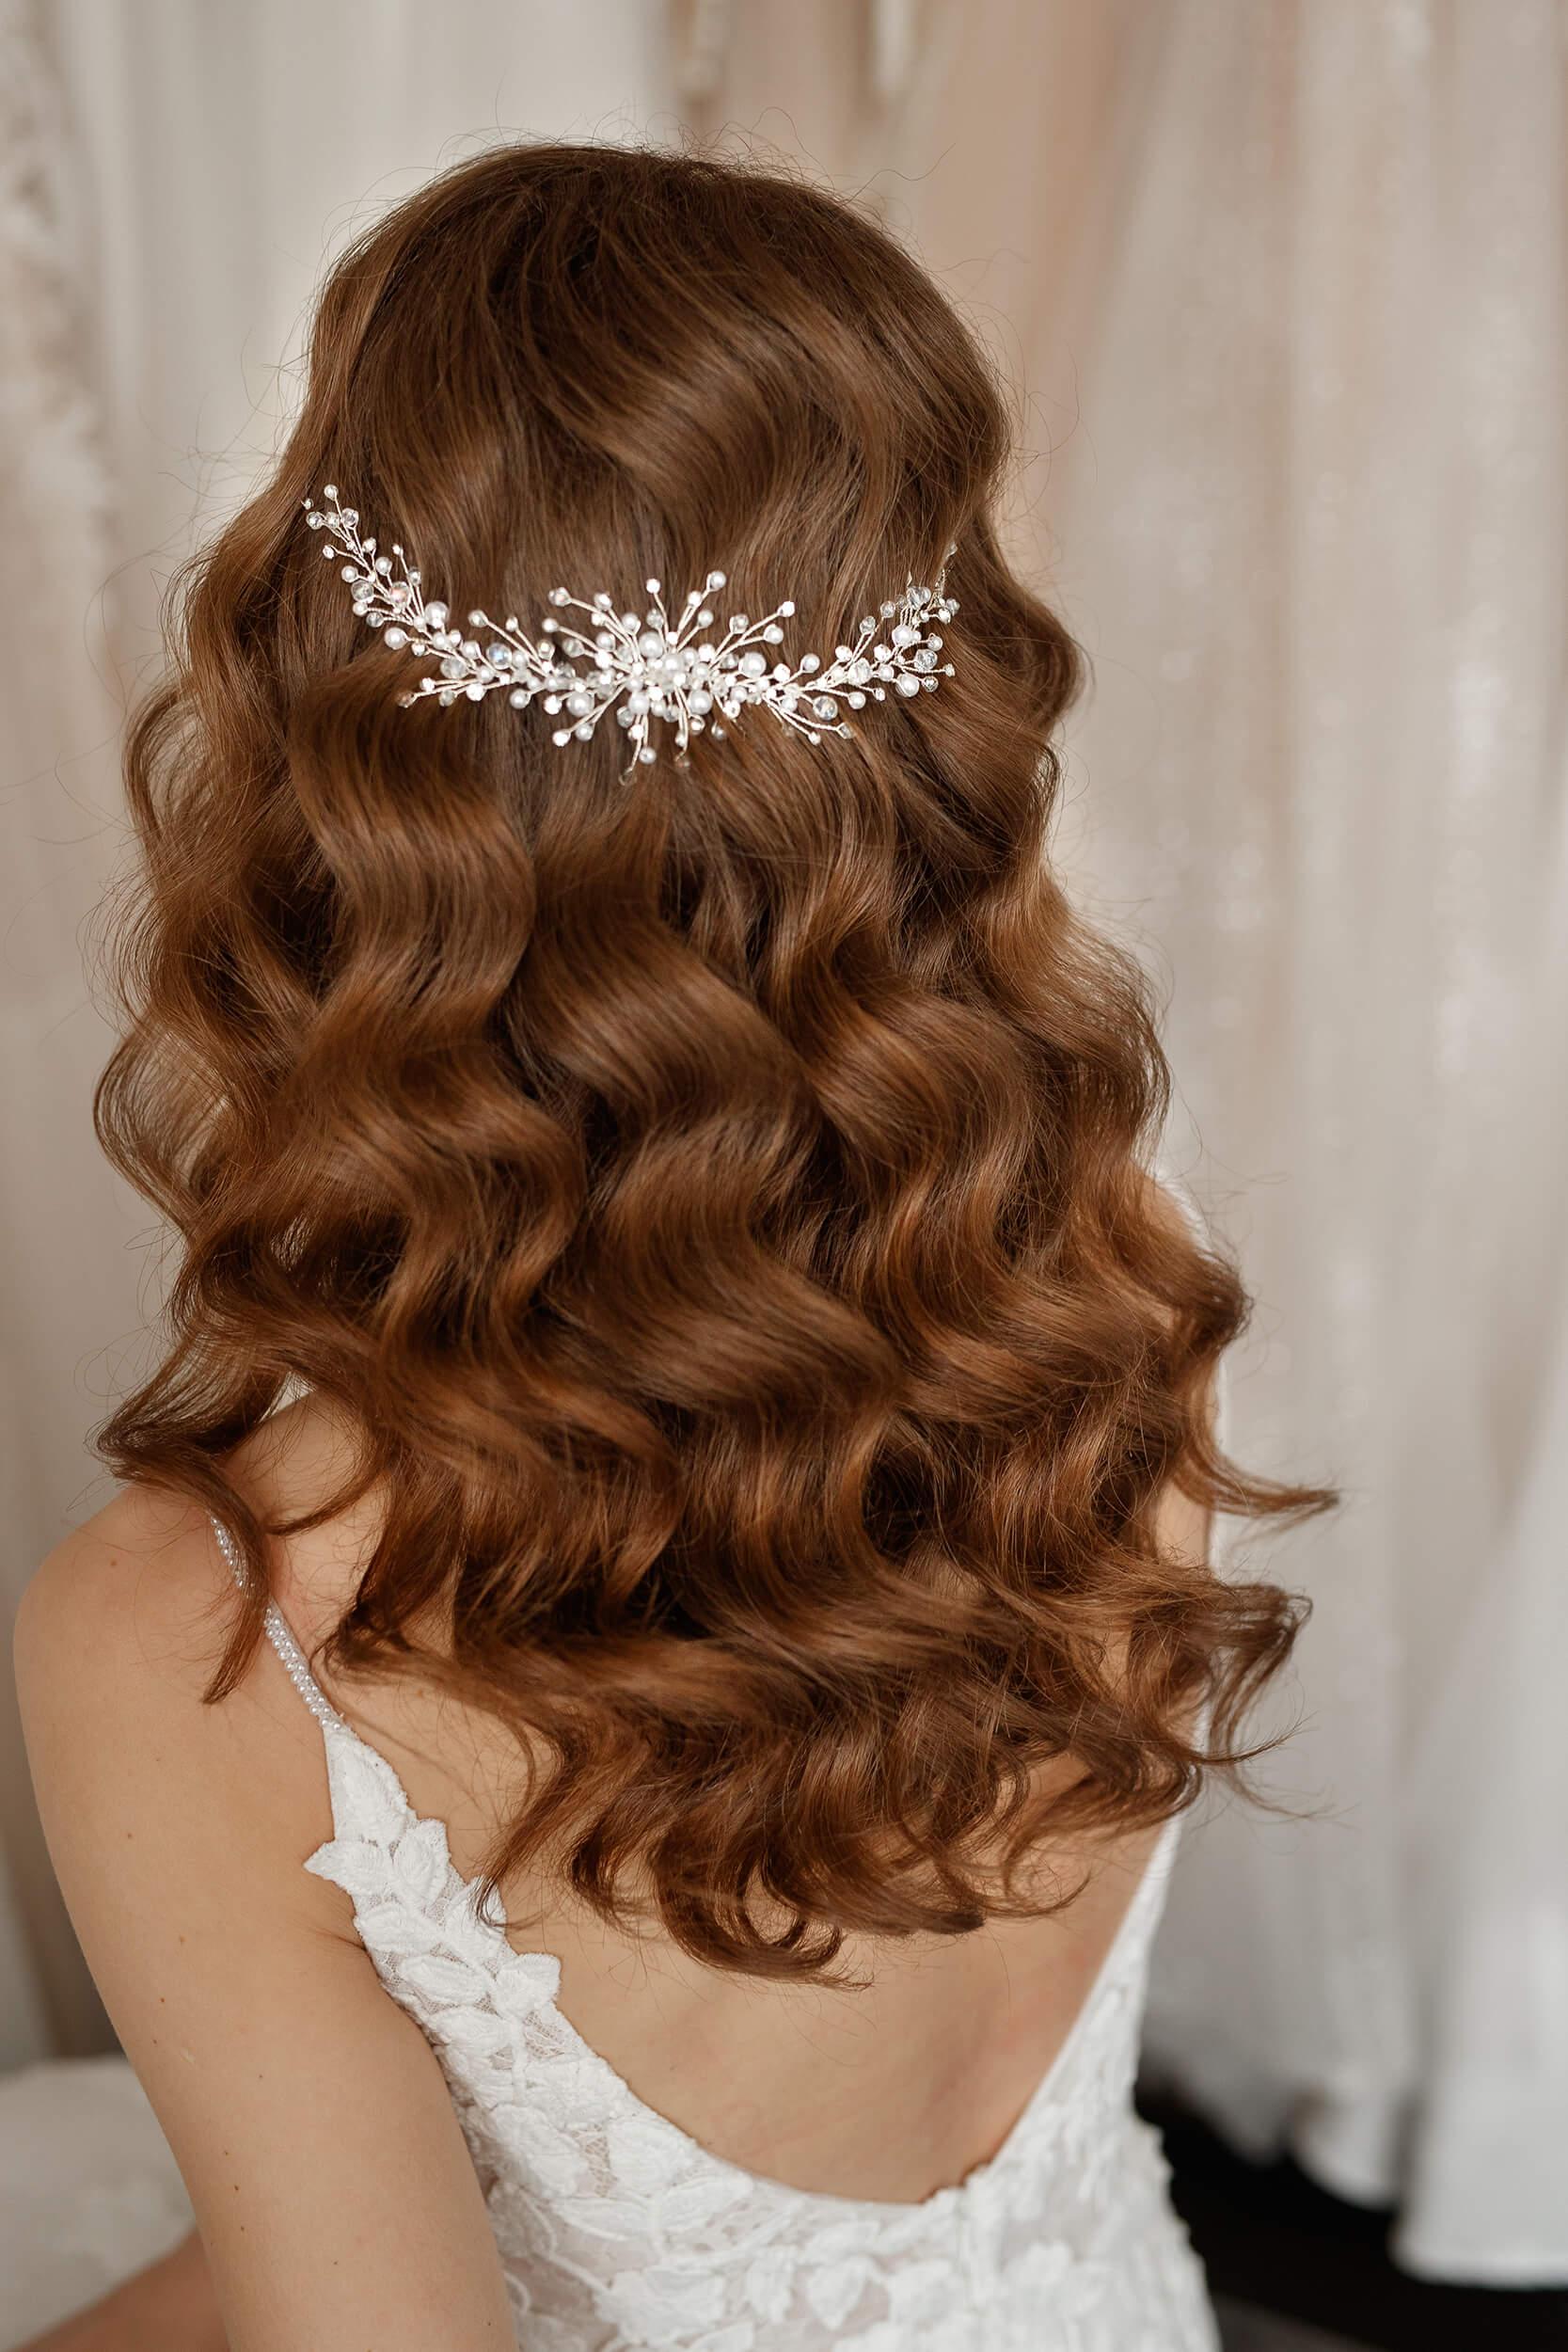 веточка для волос с жемчуга | Vero